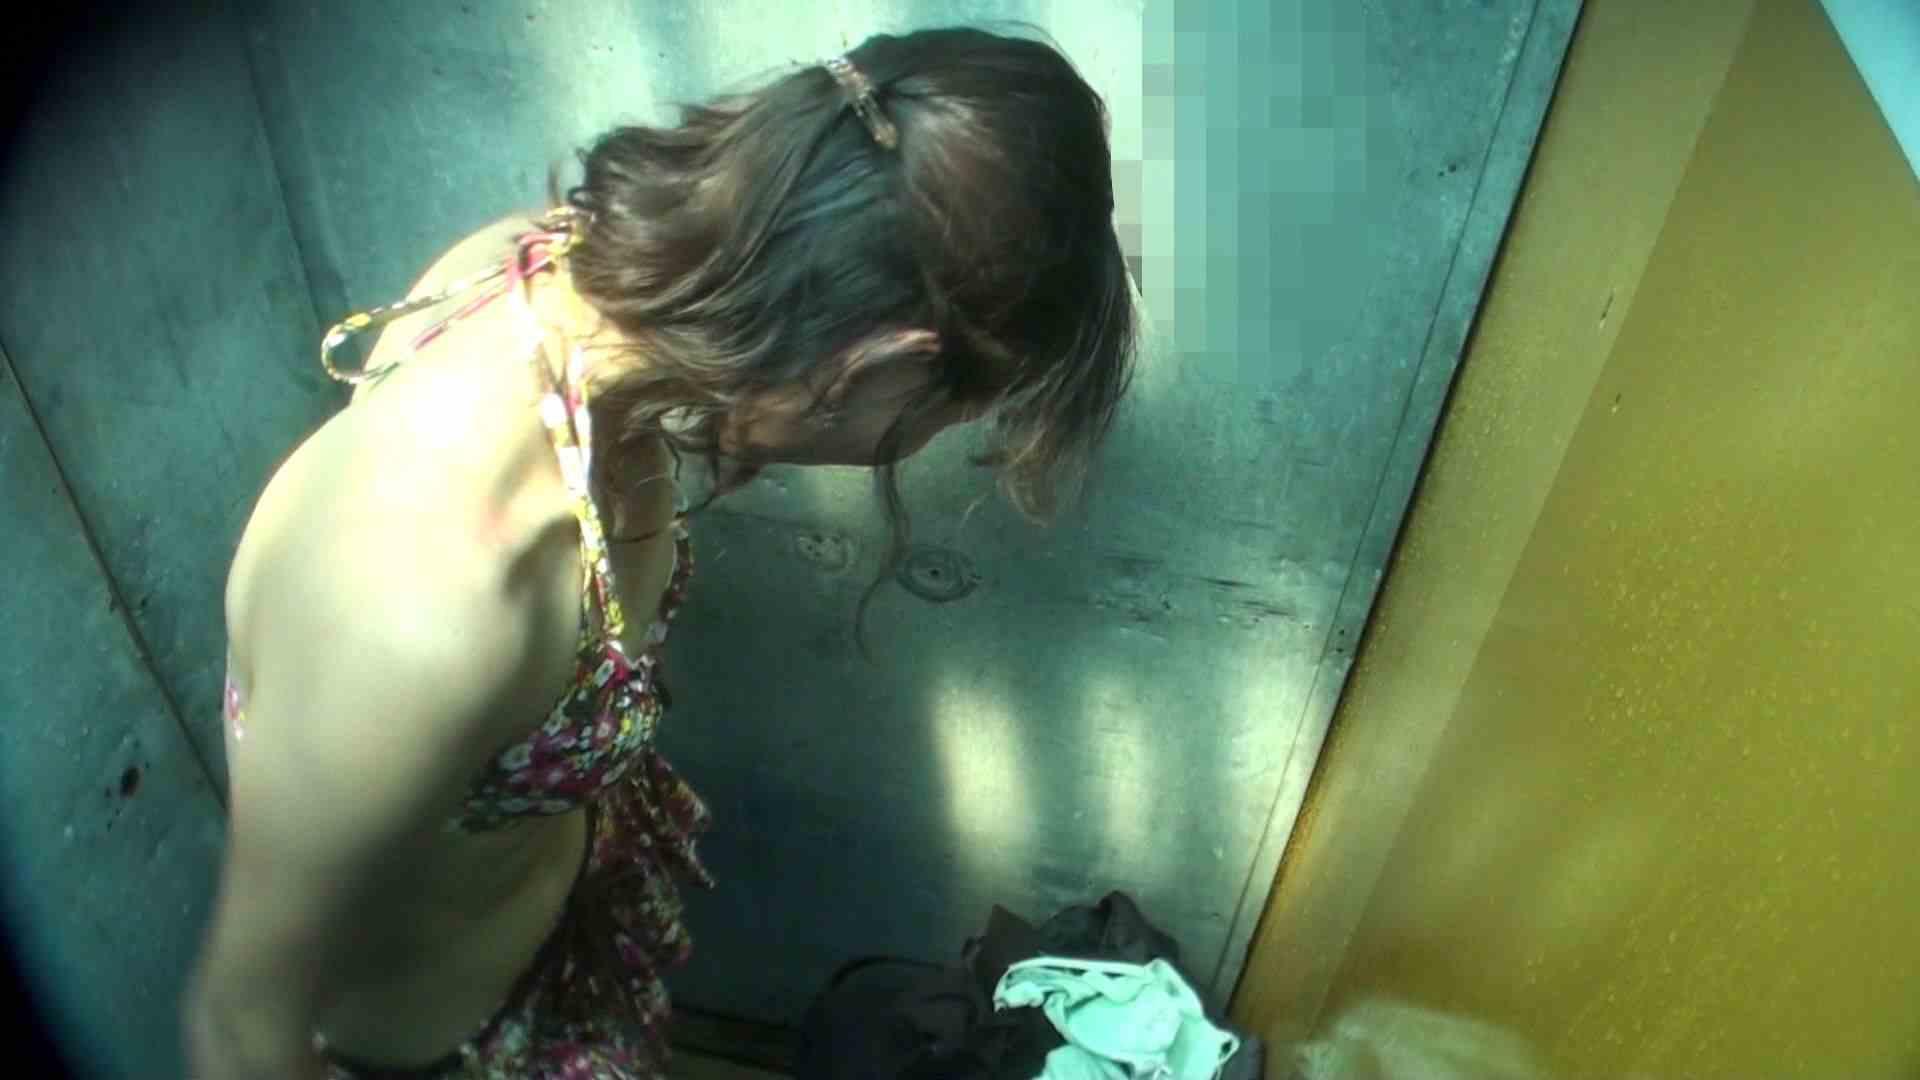 シャワールームは超!!危険な香りVol.16 意外に乳首は年増のそれ エロティックなOL  105画像 55